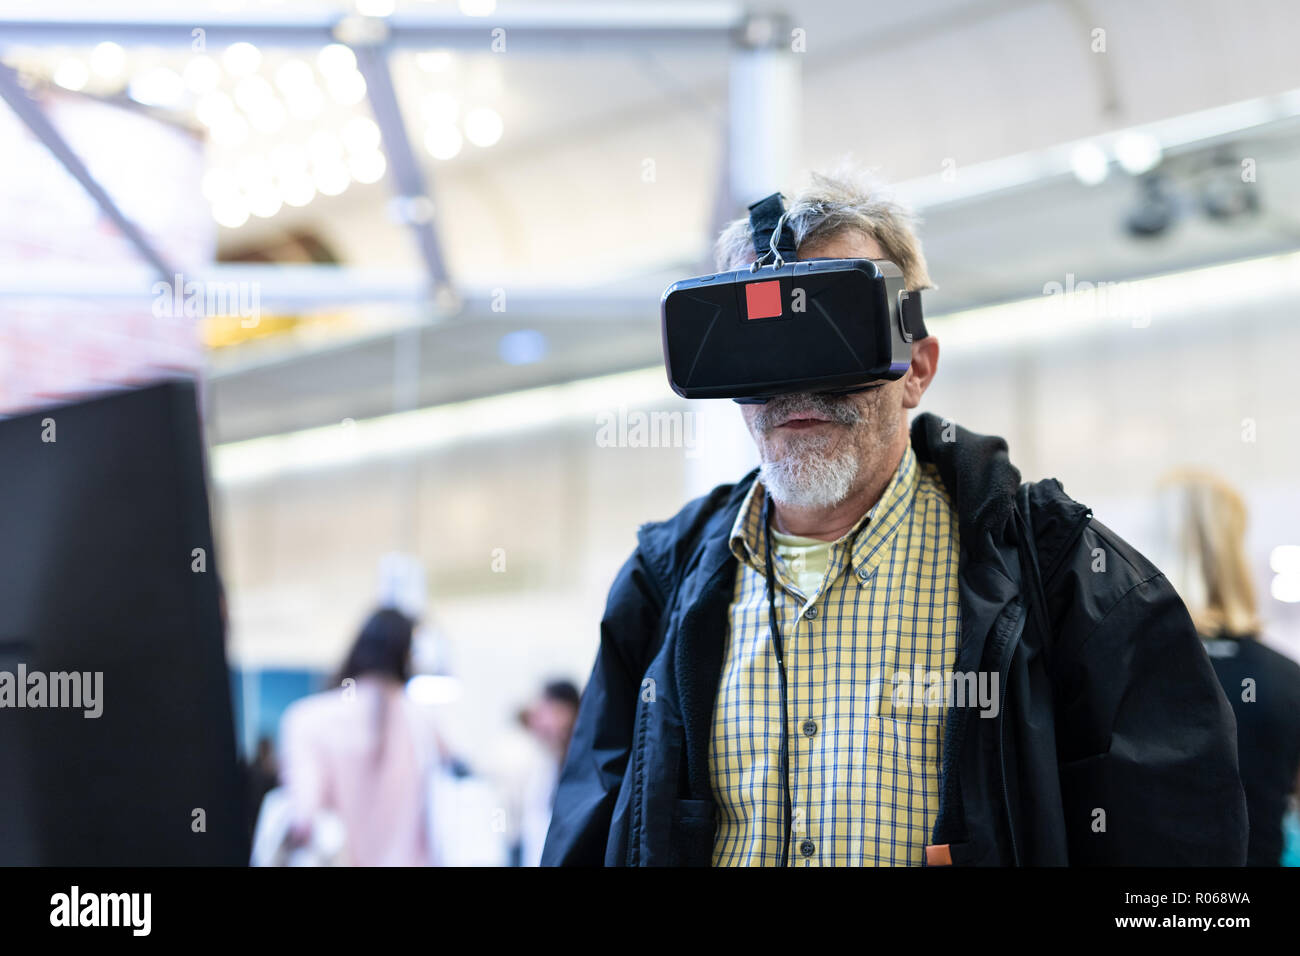 Hauts homme portant des lunettes de réalité virtuelle à regarder la réalité  virtuelle présentation. Photo 9351f721eaa9